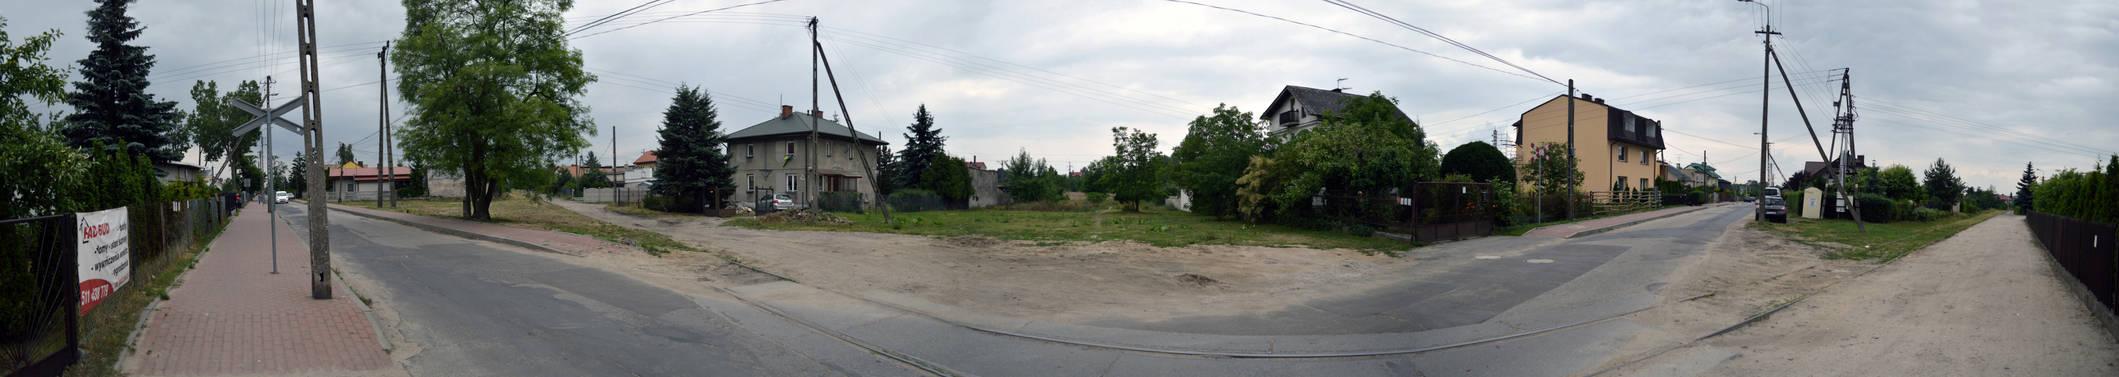 Ulica zielona w Plocku